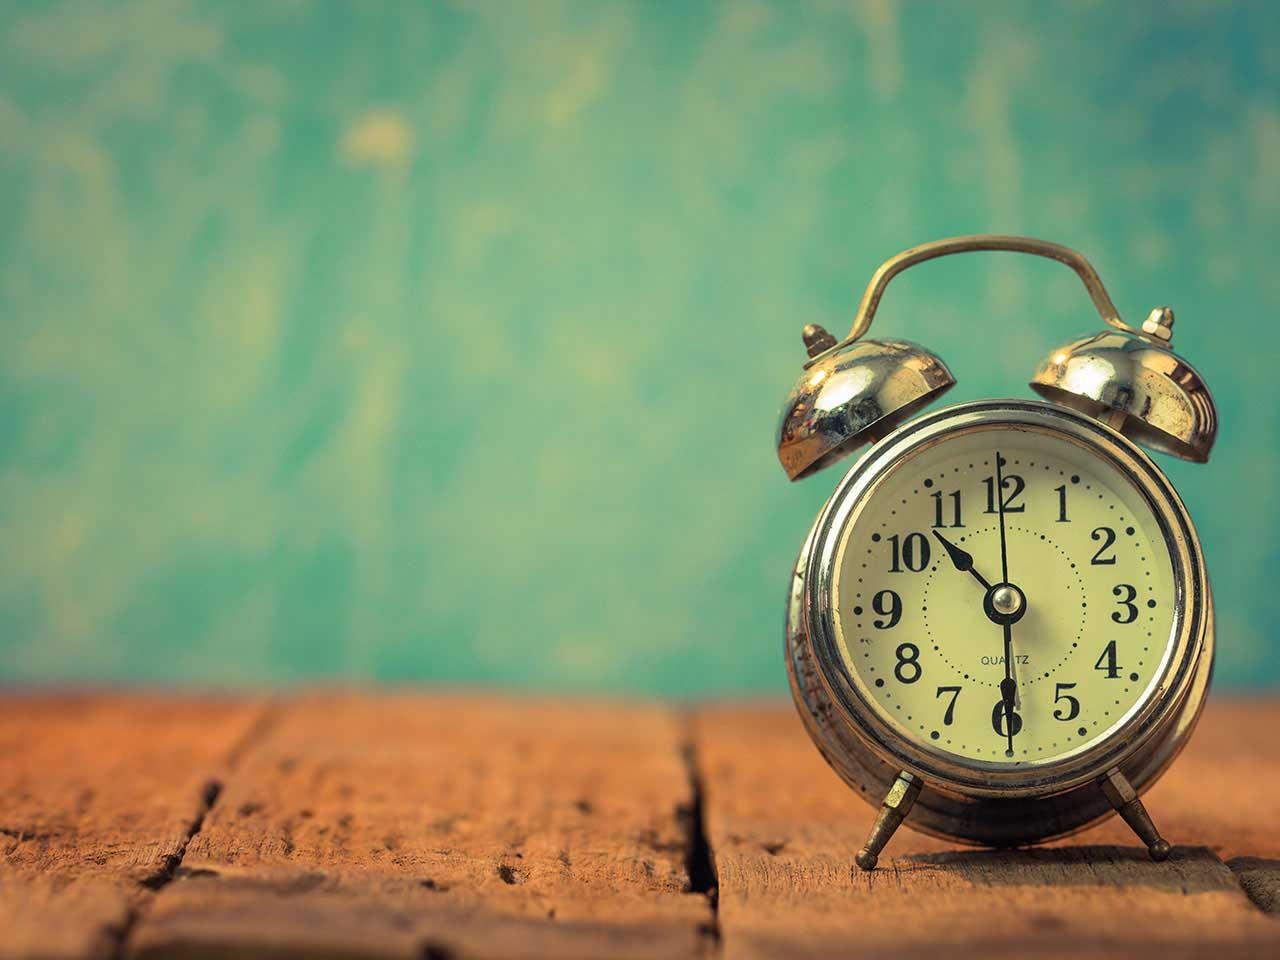 ساعت بدن، تعیین کننده برندگان نوبل پزشکی ۲۰۱۷